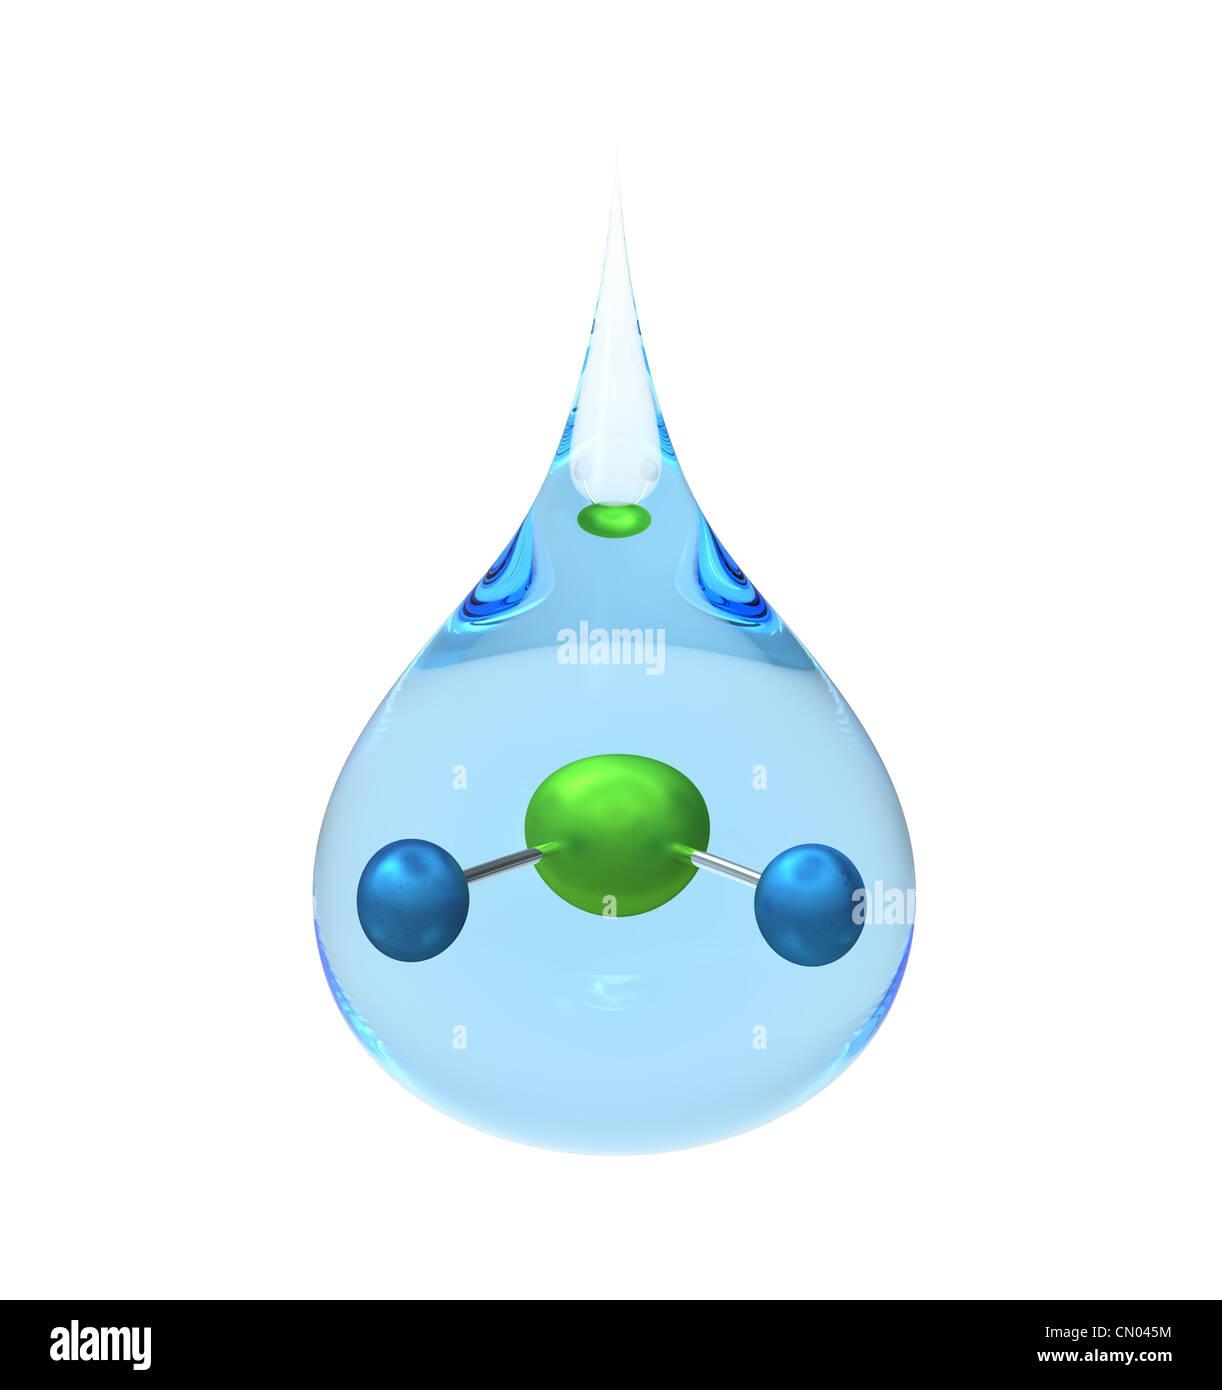 Modell eines H2O-Moleküls in einem Tropfen Wasser, isoliert auf weiss, 3d Rendern Stockbild